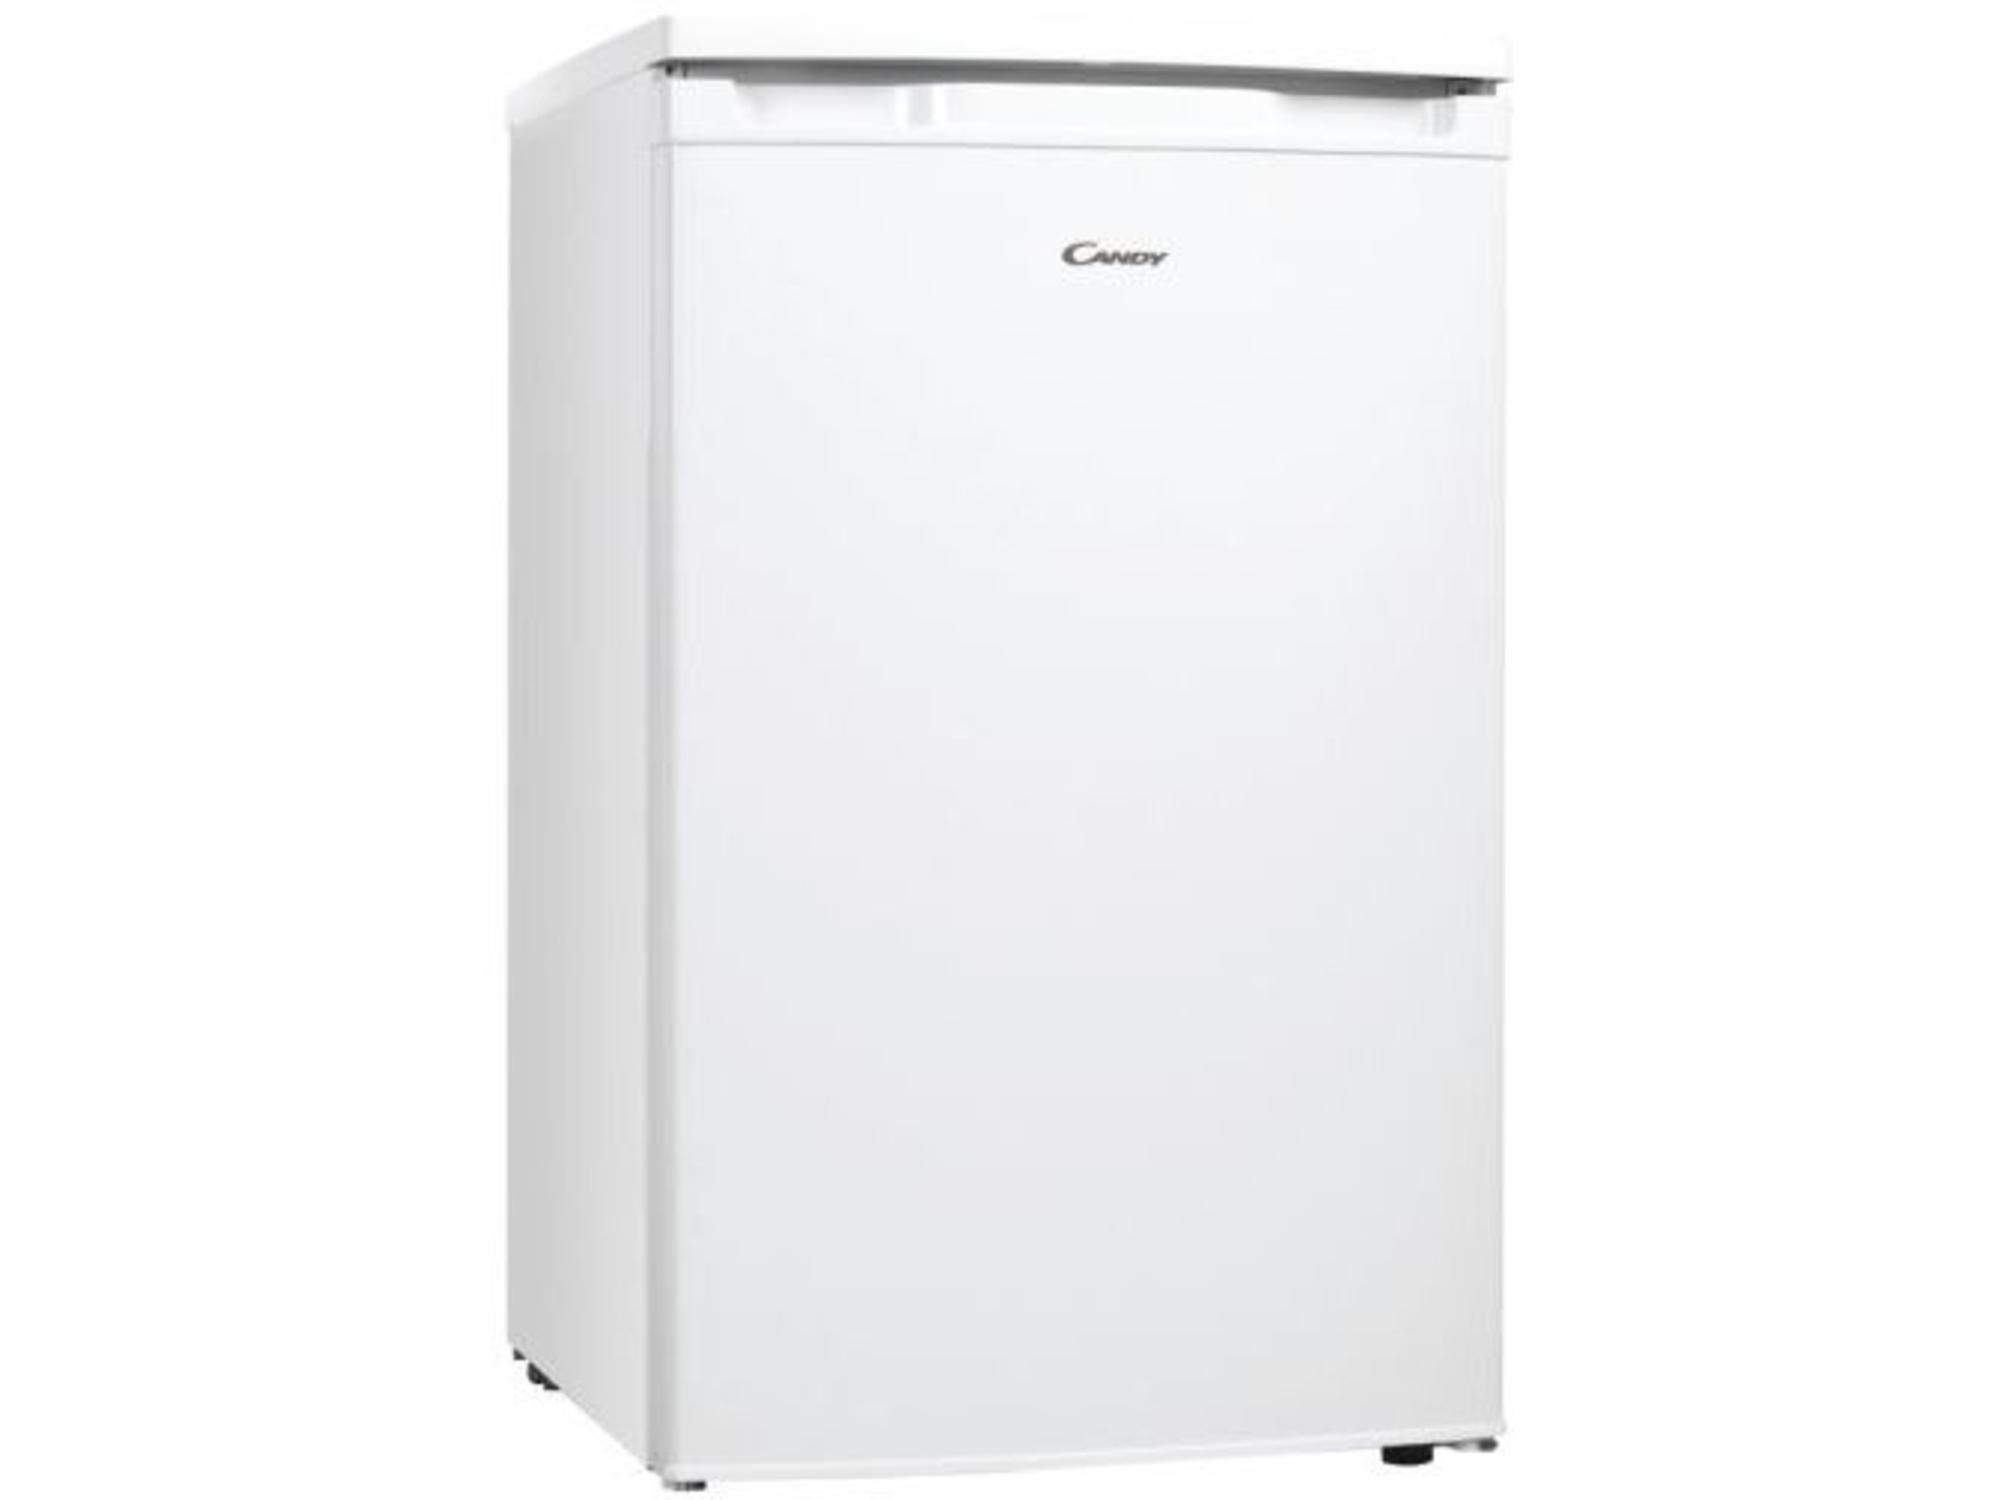 Candy prostostoječi hladilnik z mini zamrzovalnikom CCTOS 502WN